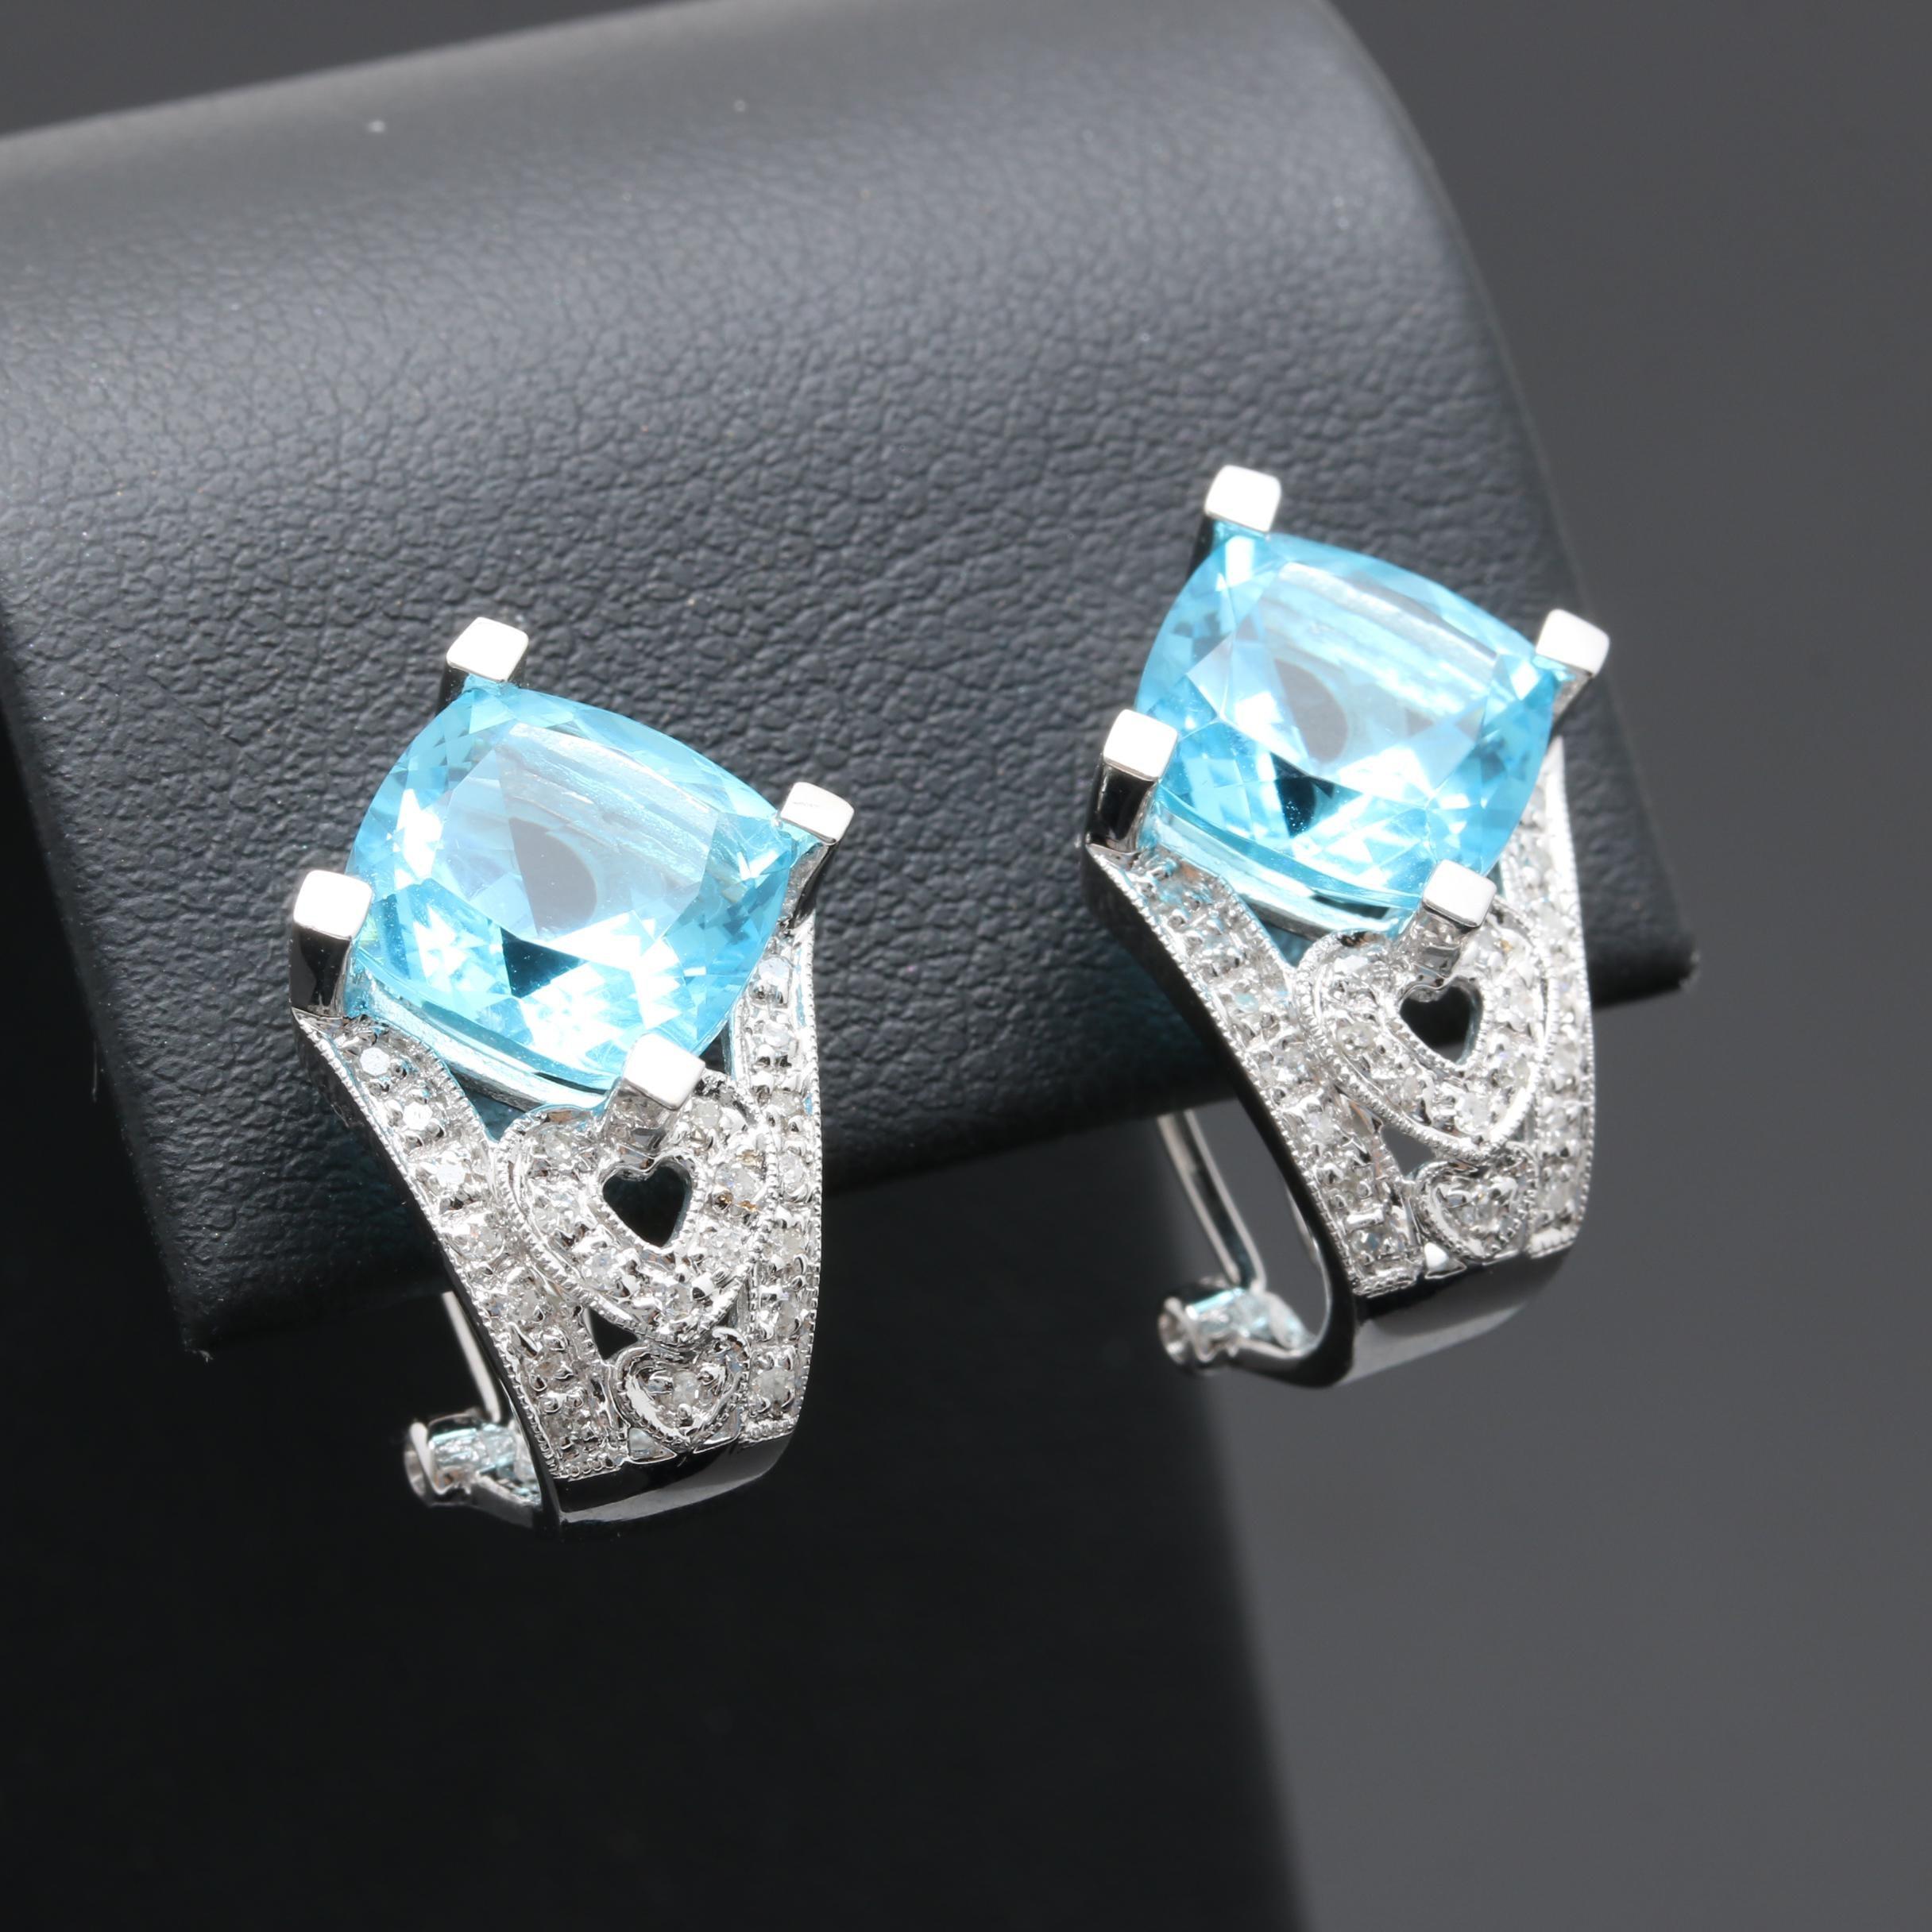 14K White Gold Blue Glass and Diamond 'J' Hoop Earrings